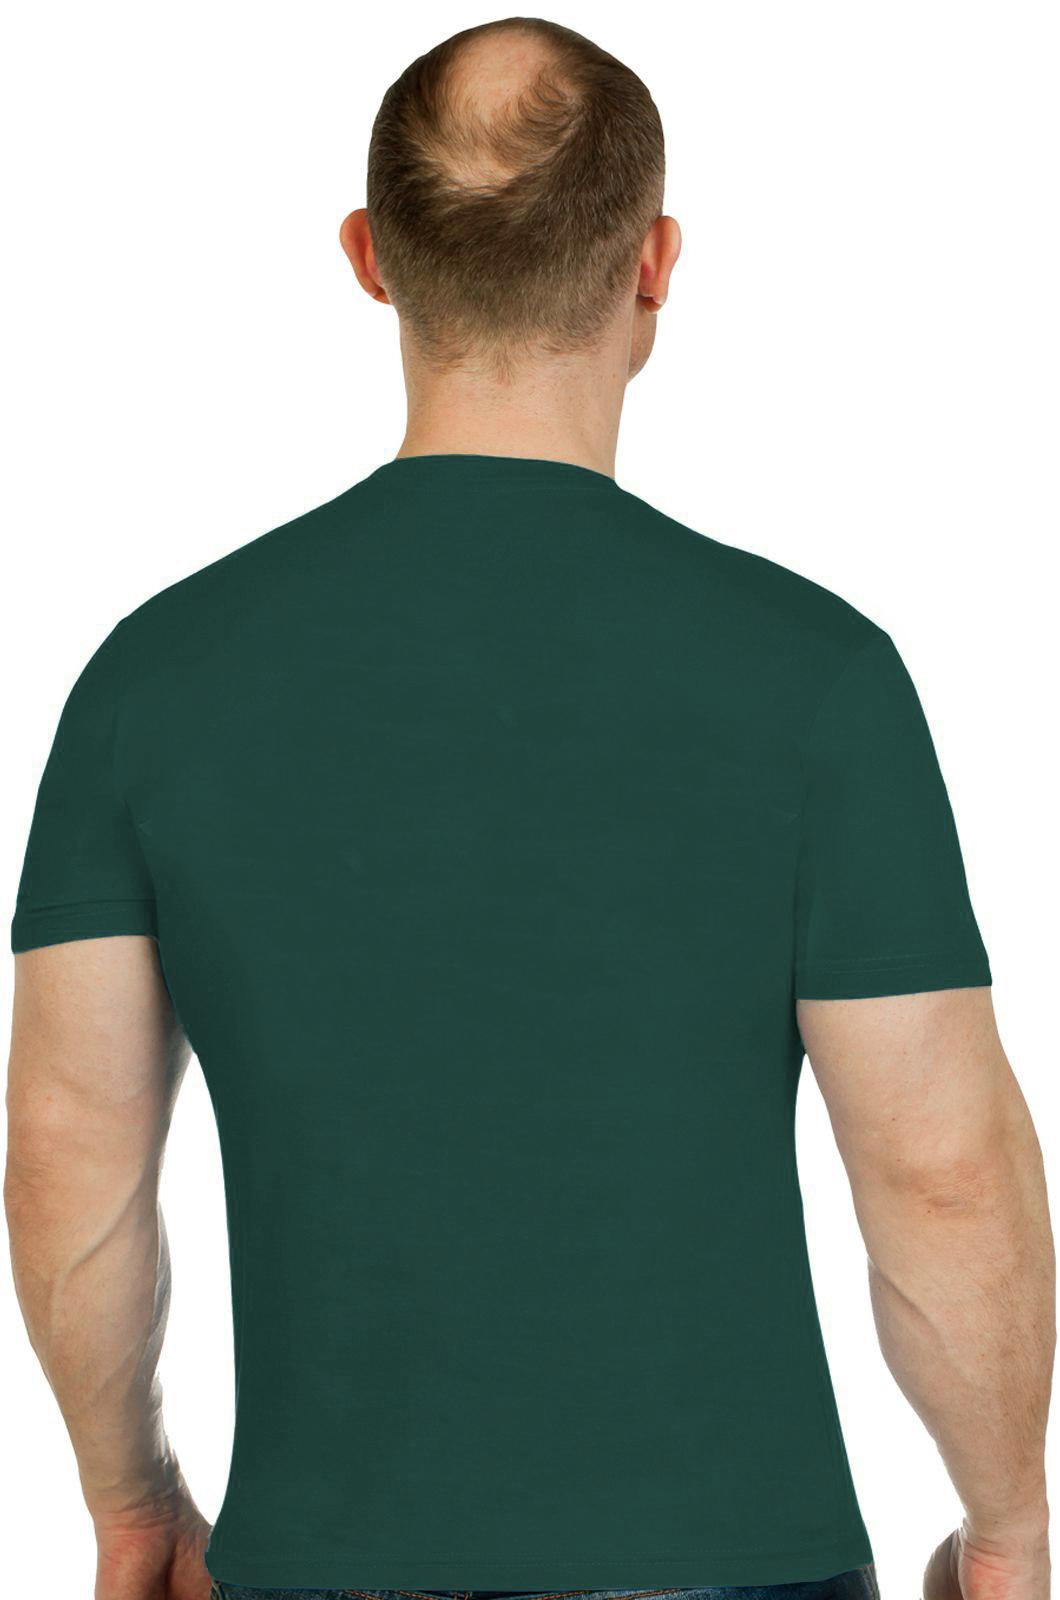 Темно-зеленая мужская футболка Пограничник - купить онлайн